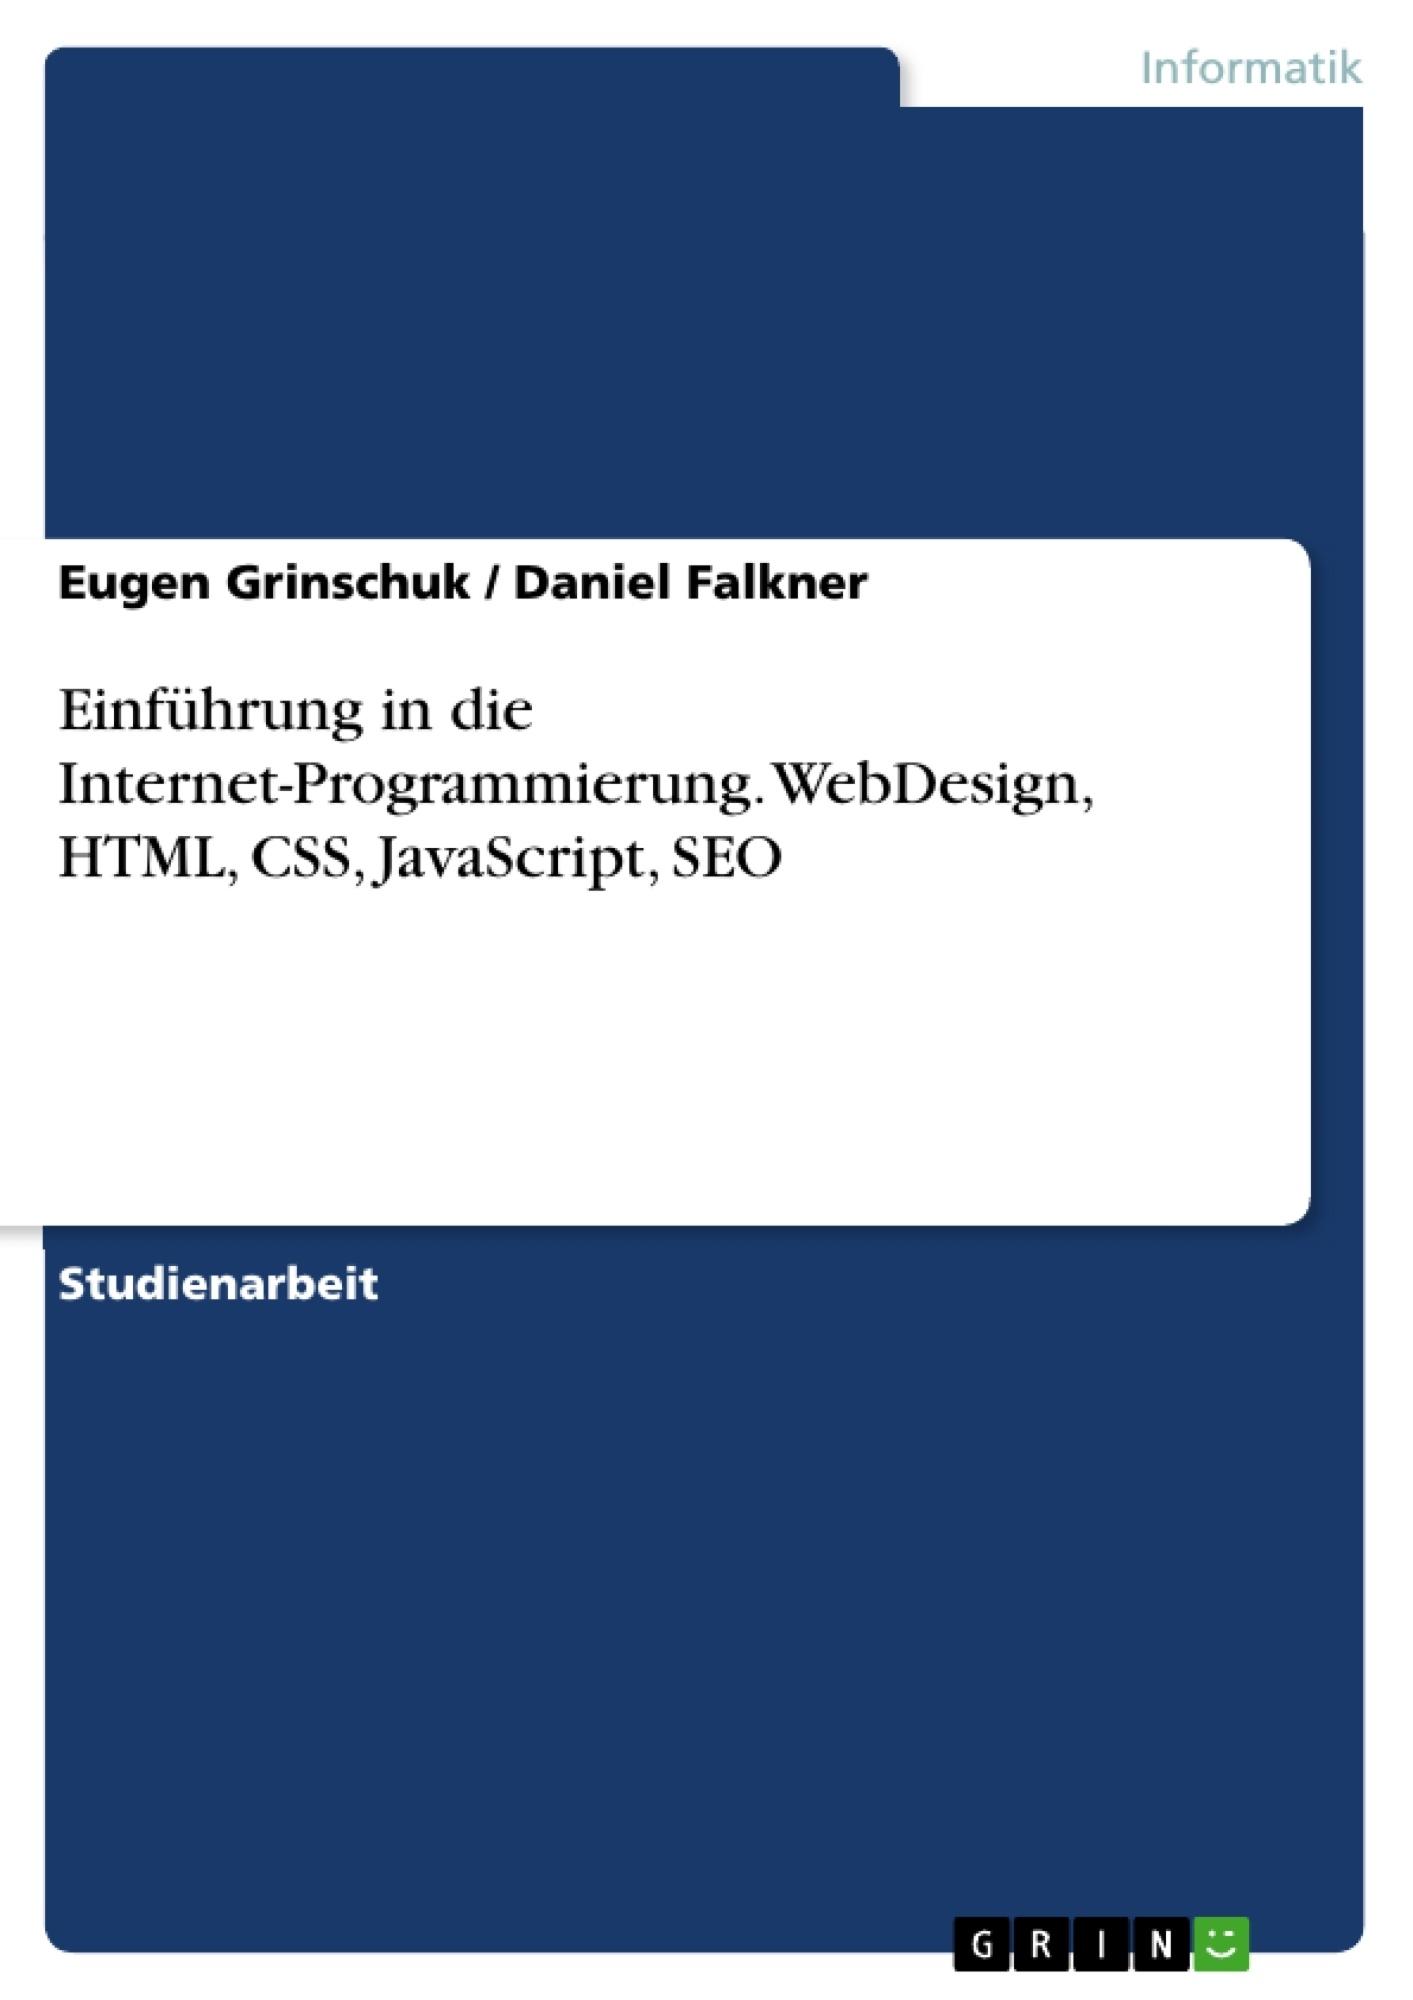 Titel: Einführung in die Internet-Programmierung. WebDesign, HTML, CSS, JavaScript, SEO